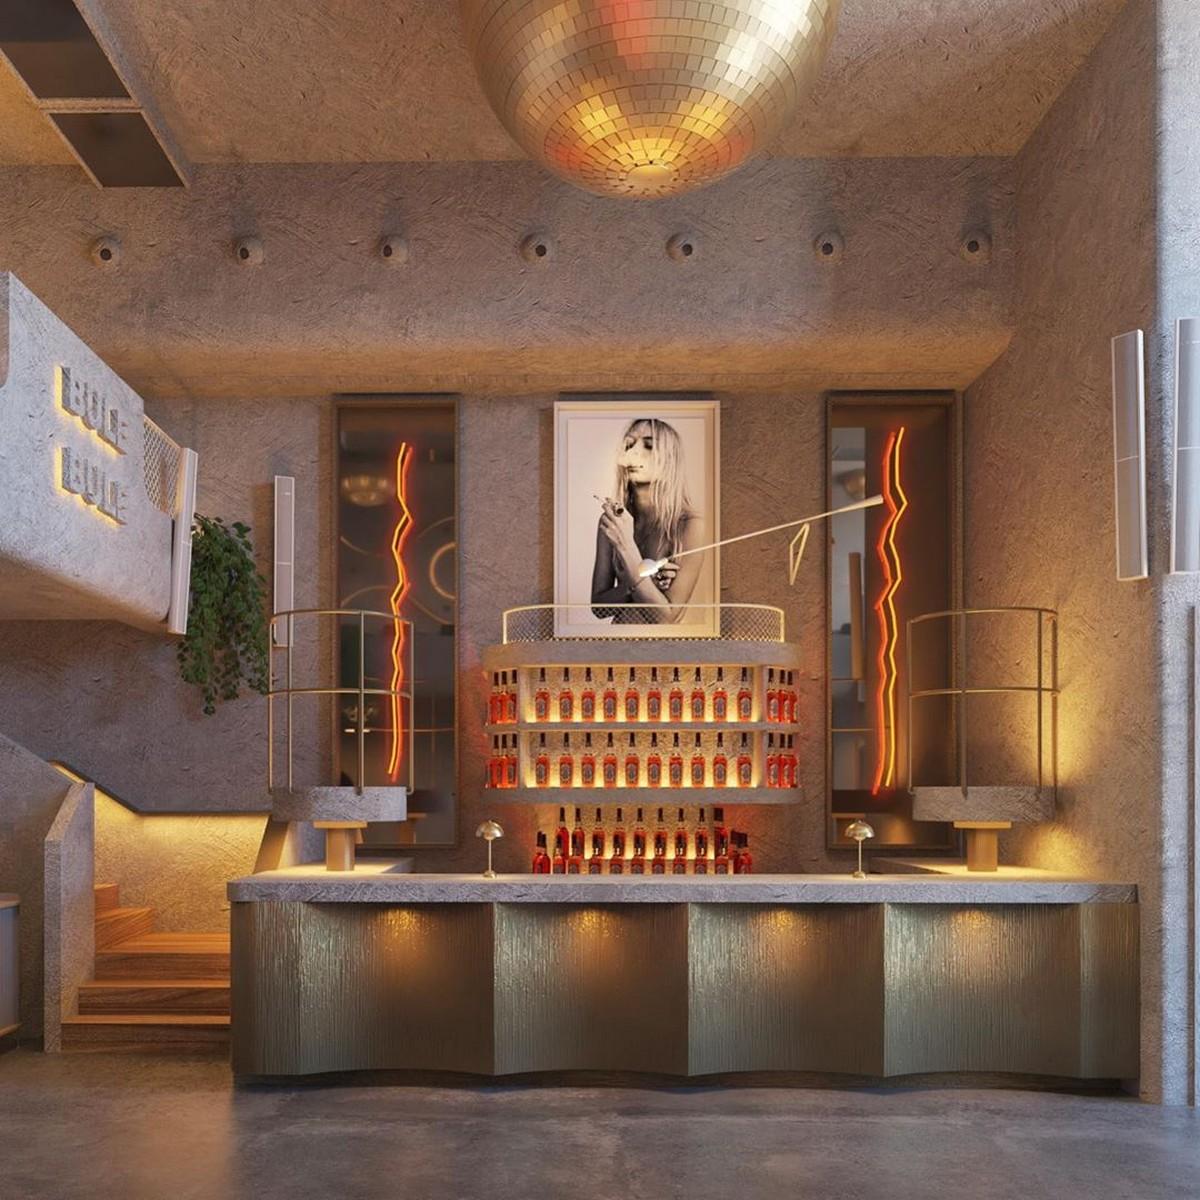 Estudio de Interiores: Madrid In Love es una referencia para Diseño de Interiores estudio de interiores Estudio de Interiores: Madrid In Love es una referencia para Diseño de Interiores 100937553 2702183216676474 1109685888737474470 n